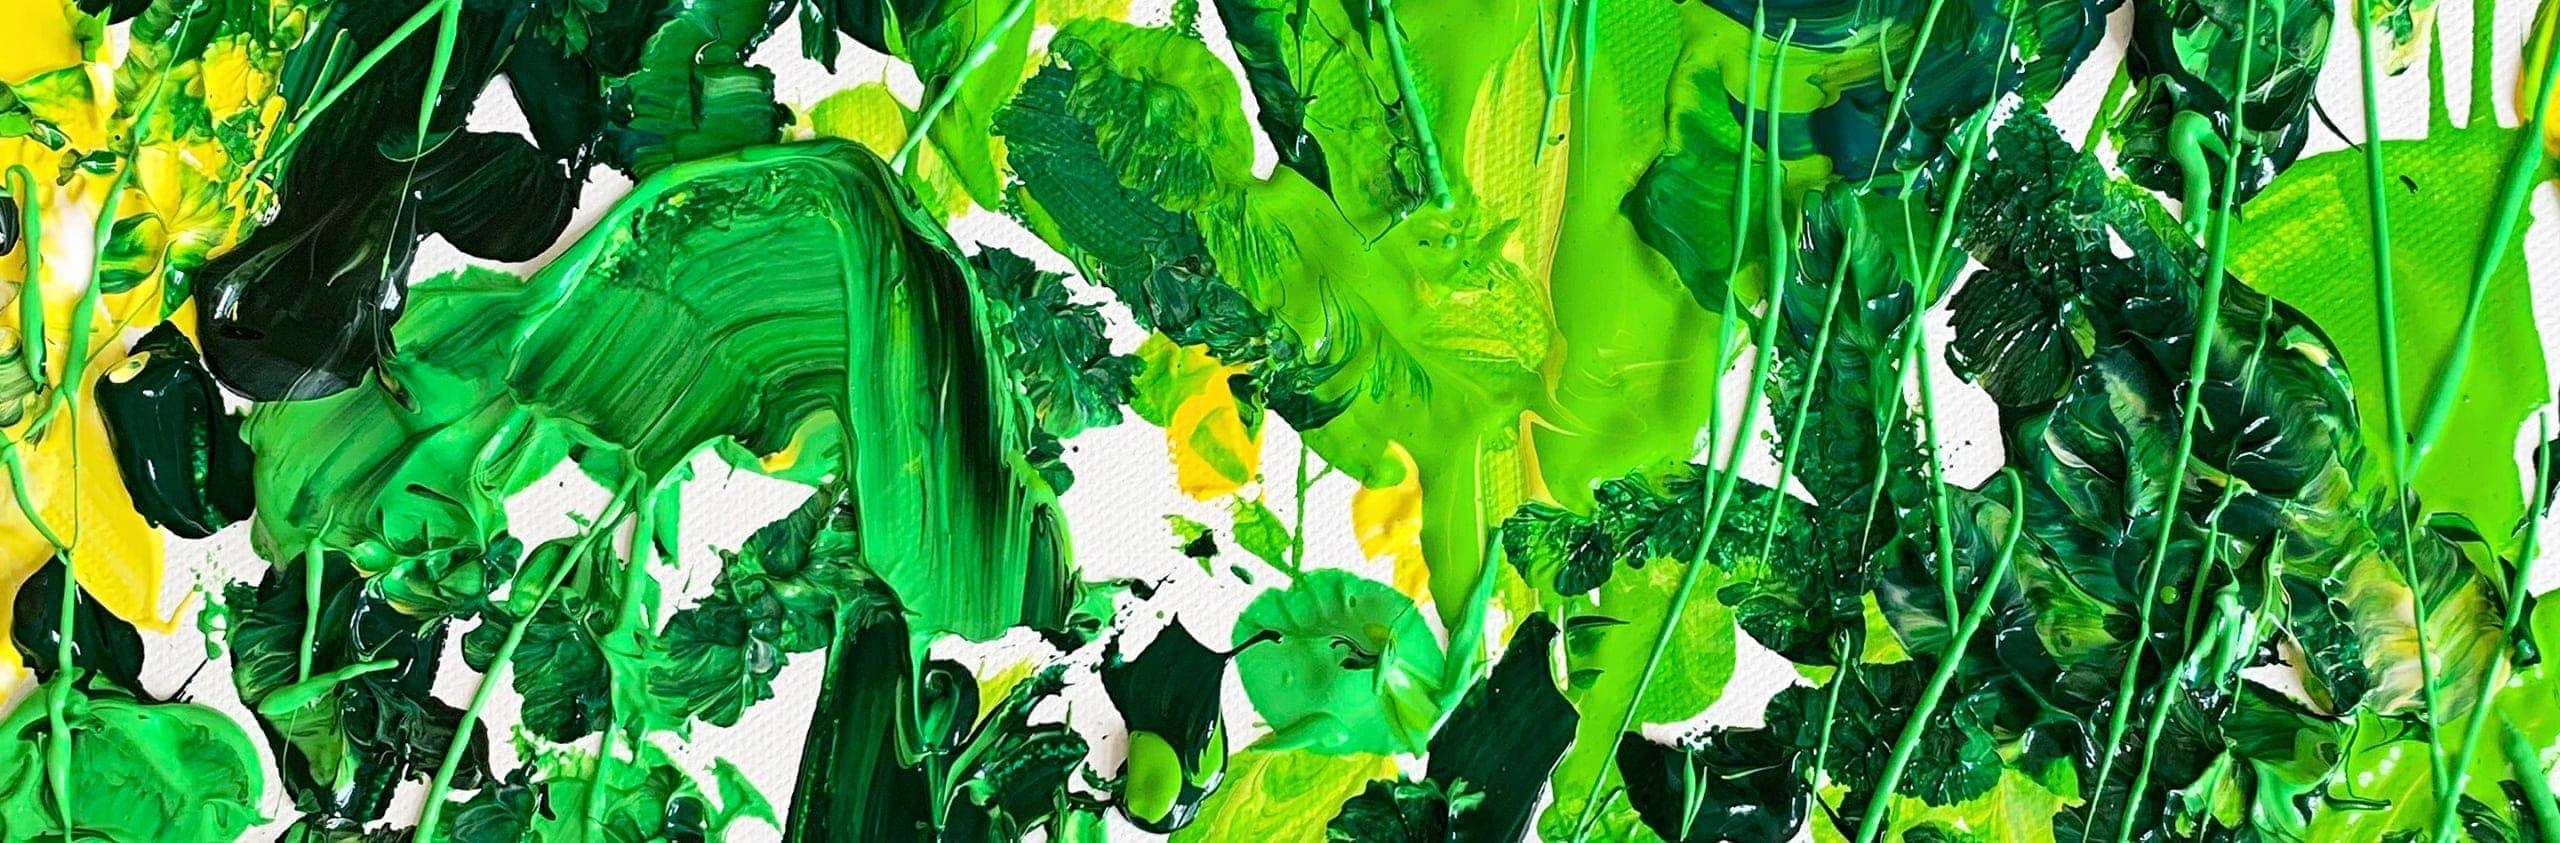 acrylbilder farbe gruen kuenstler